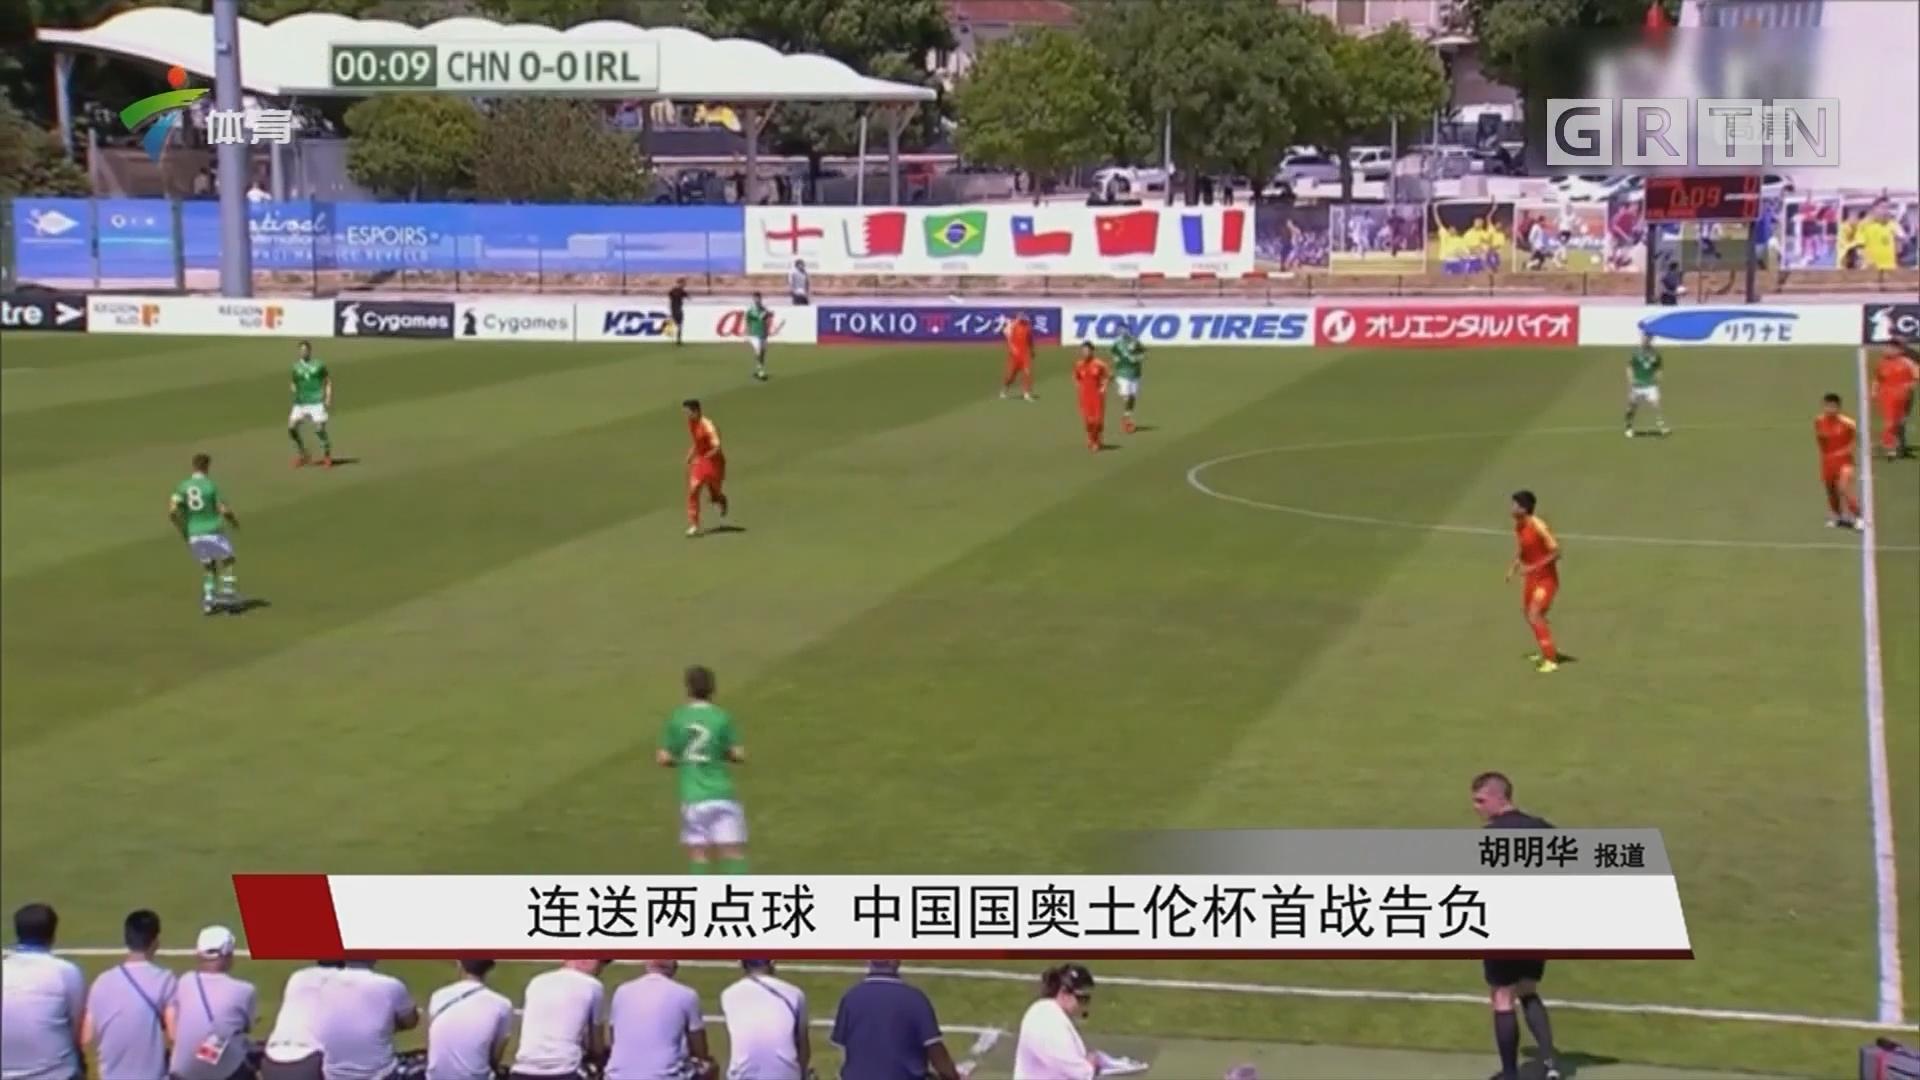 连送两点球 中国国奥土伦杯首战告负